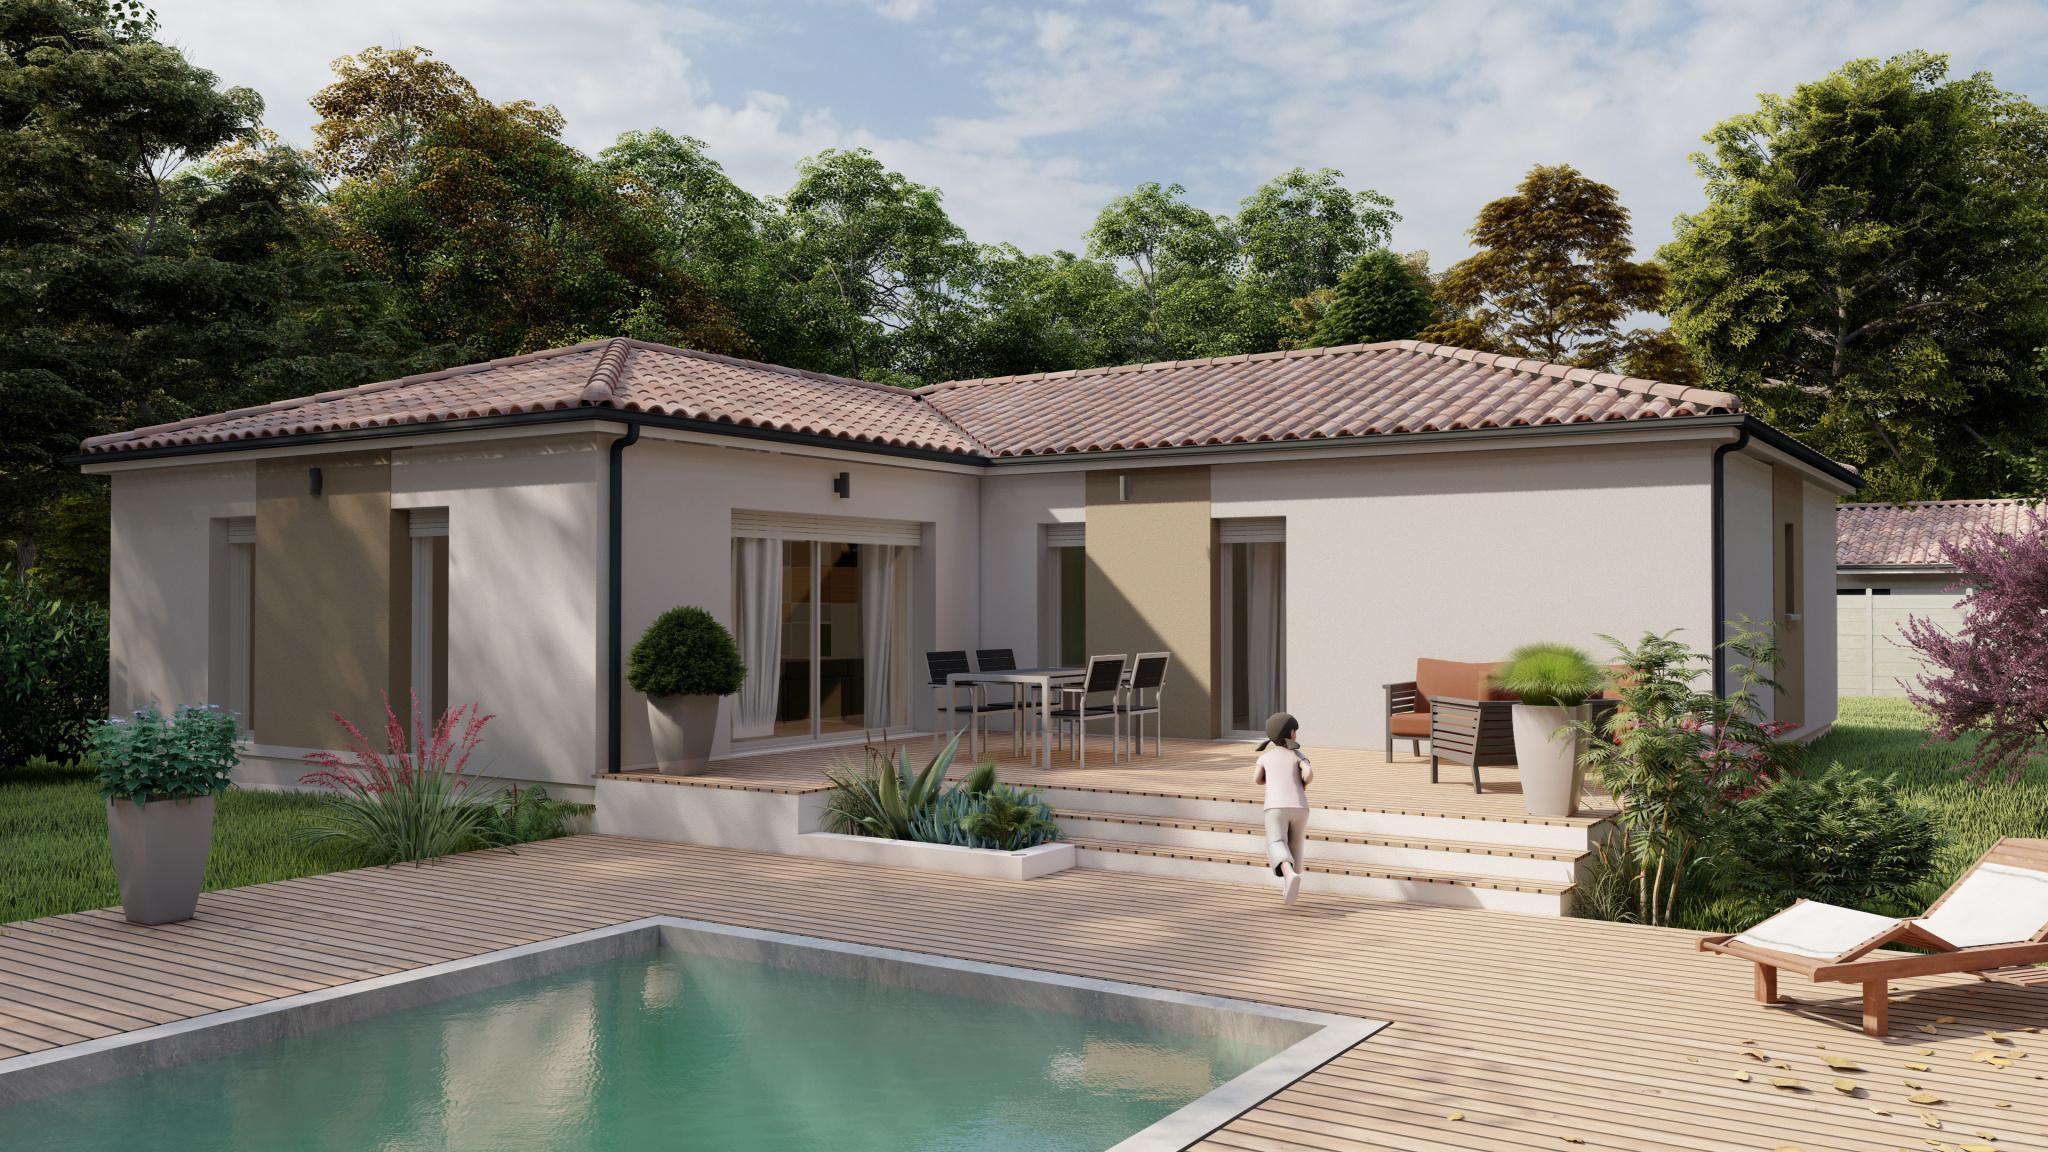 Vente maison à Fumel (47500) de 112 m2 habitable sur terrain de 1548 m2